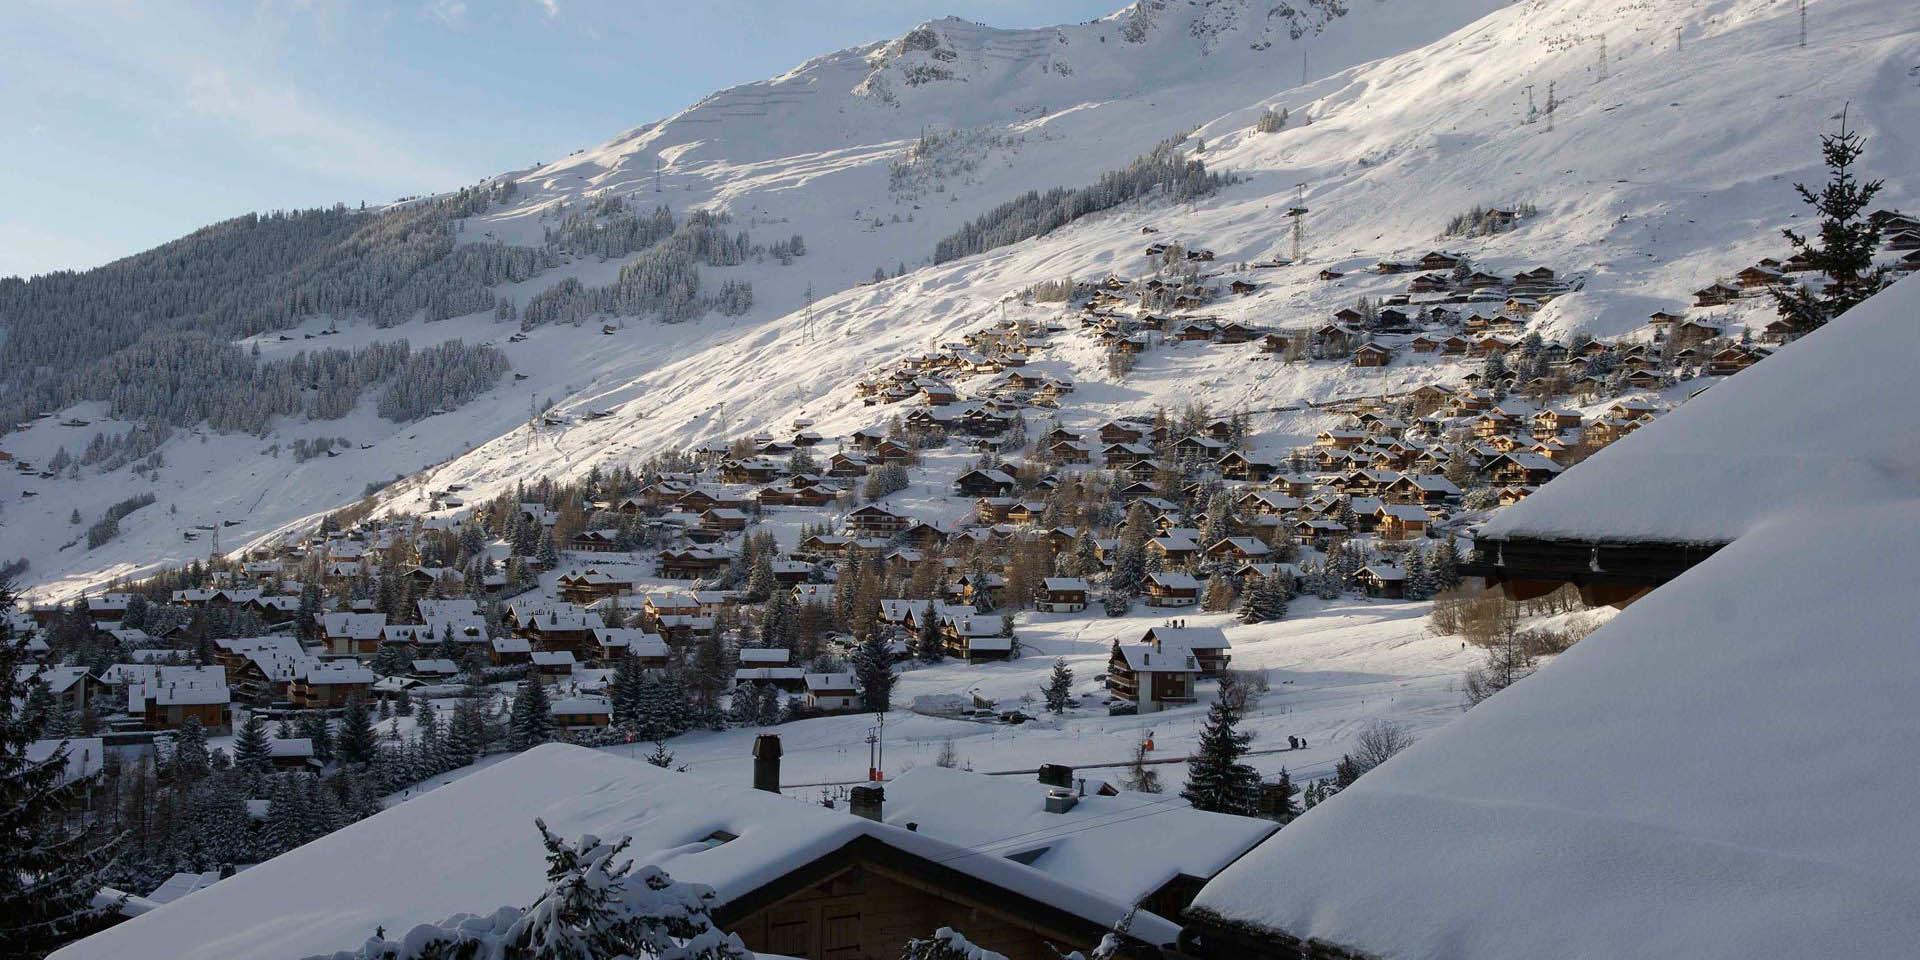 Verbier Les 4 Vallees Zwitserland wintersport skivakantie luxe dorp sneeuw bomen bergen